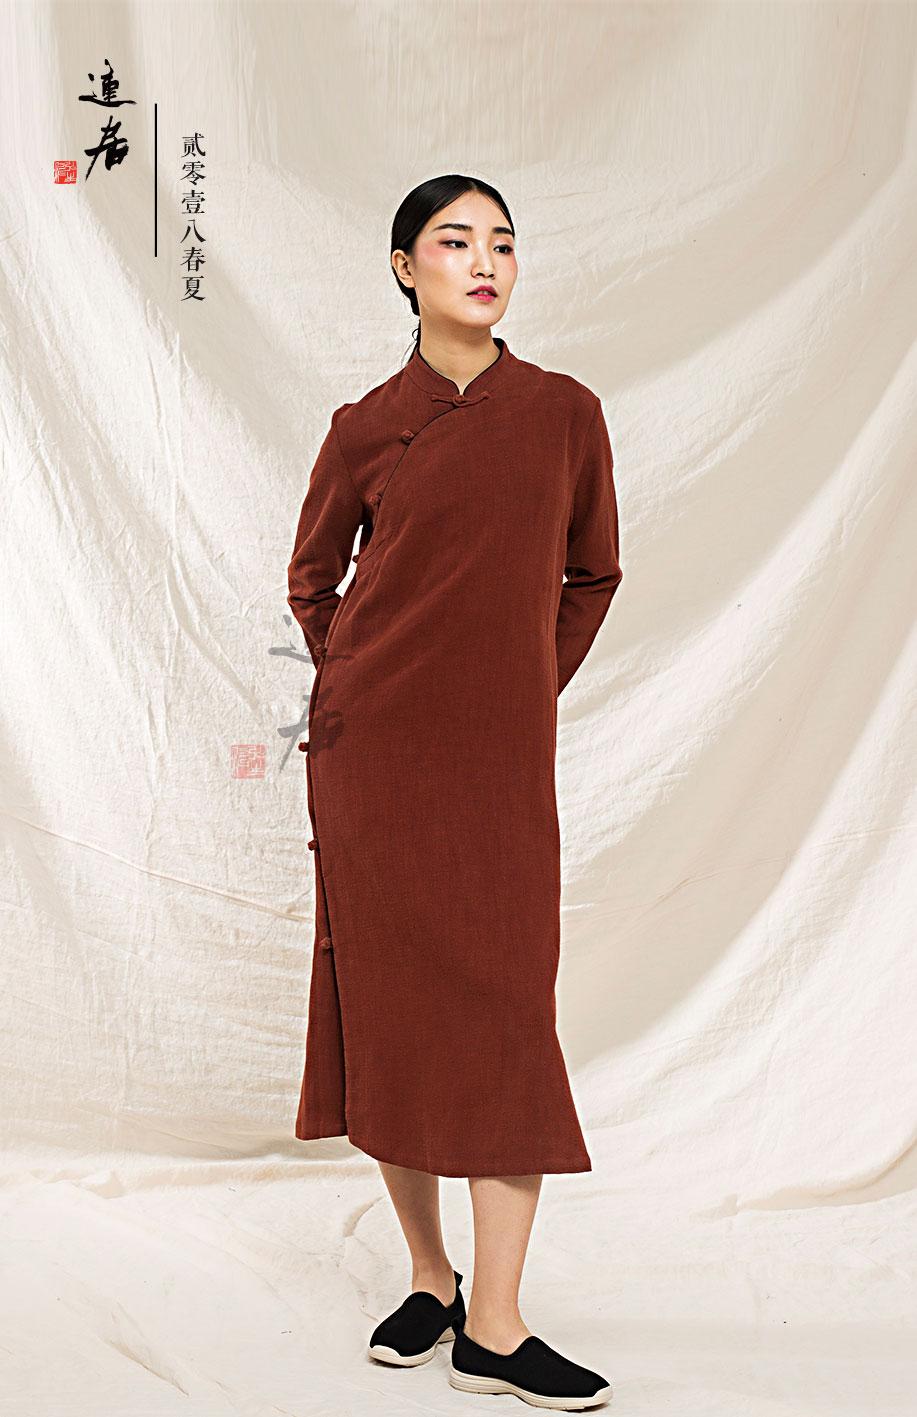 设计款袍服